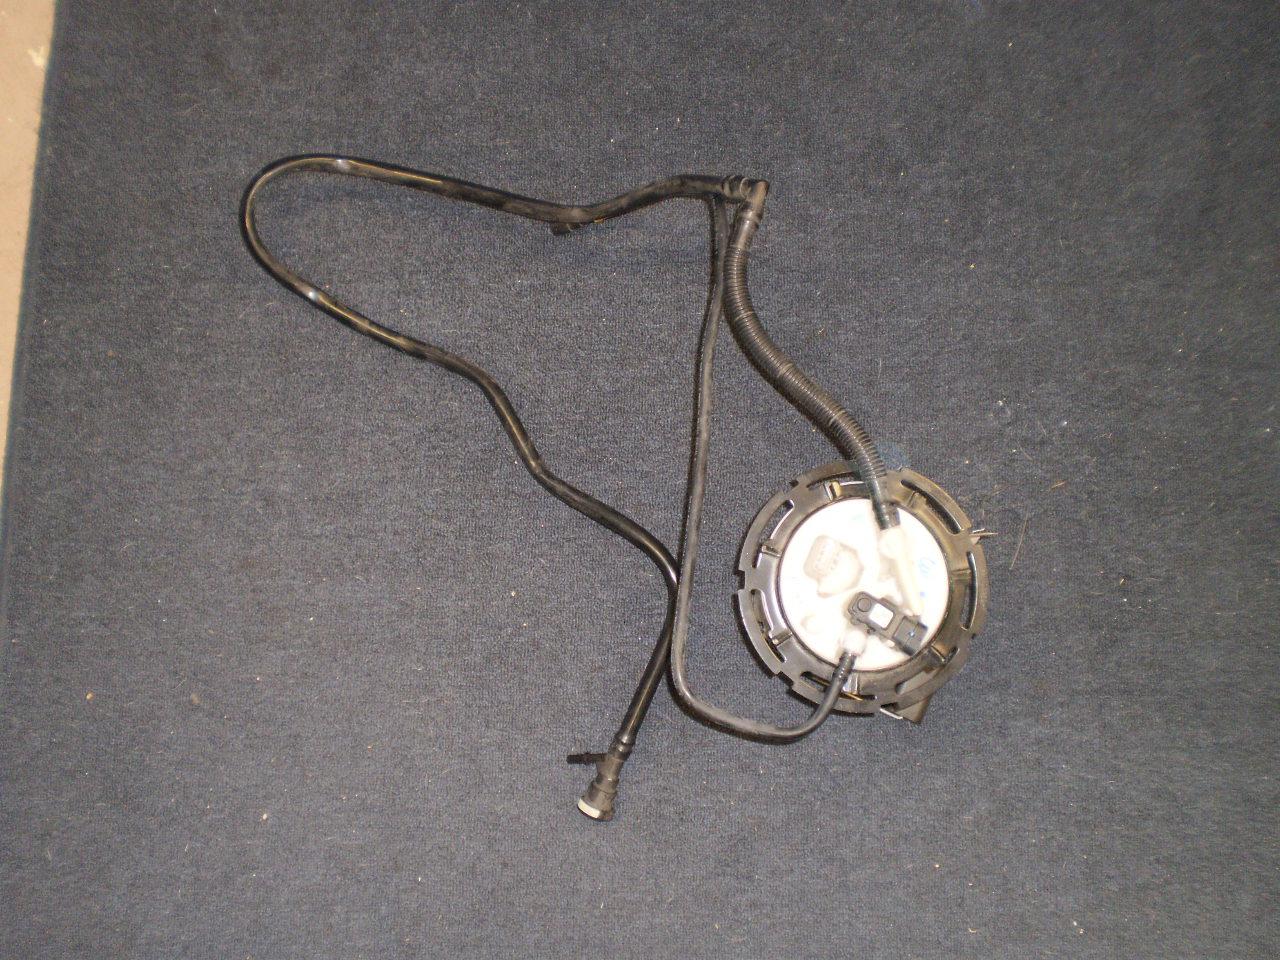 SAAB 9-3 03-08 Fuel Pump 6 Cylinder